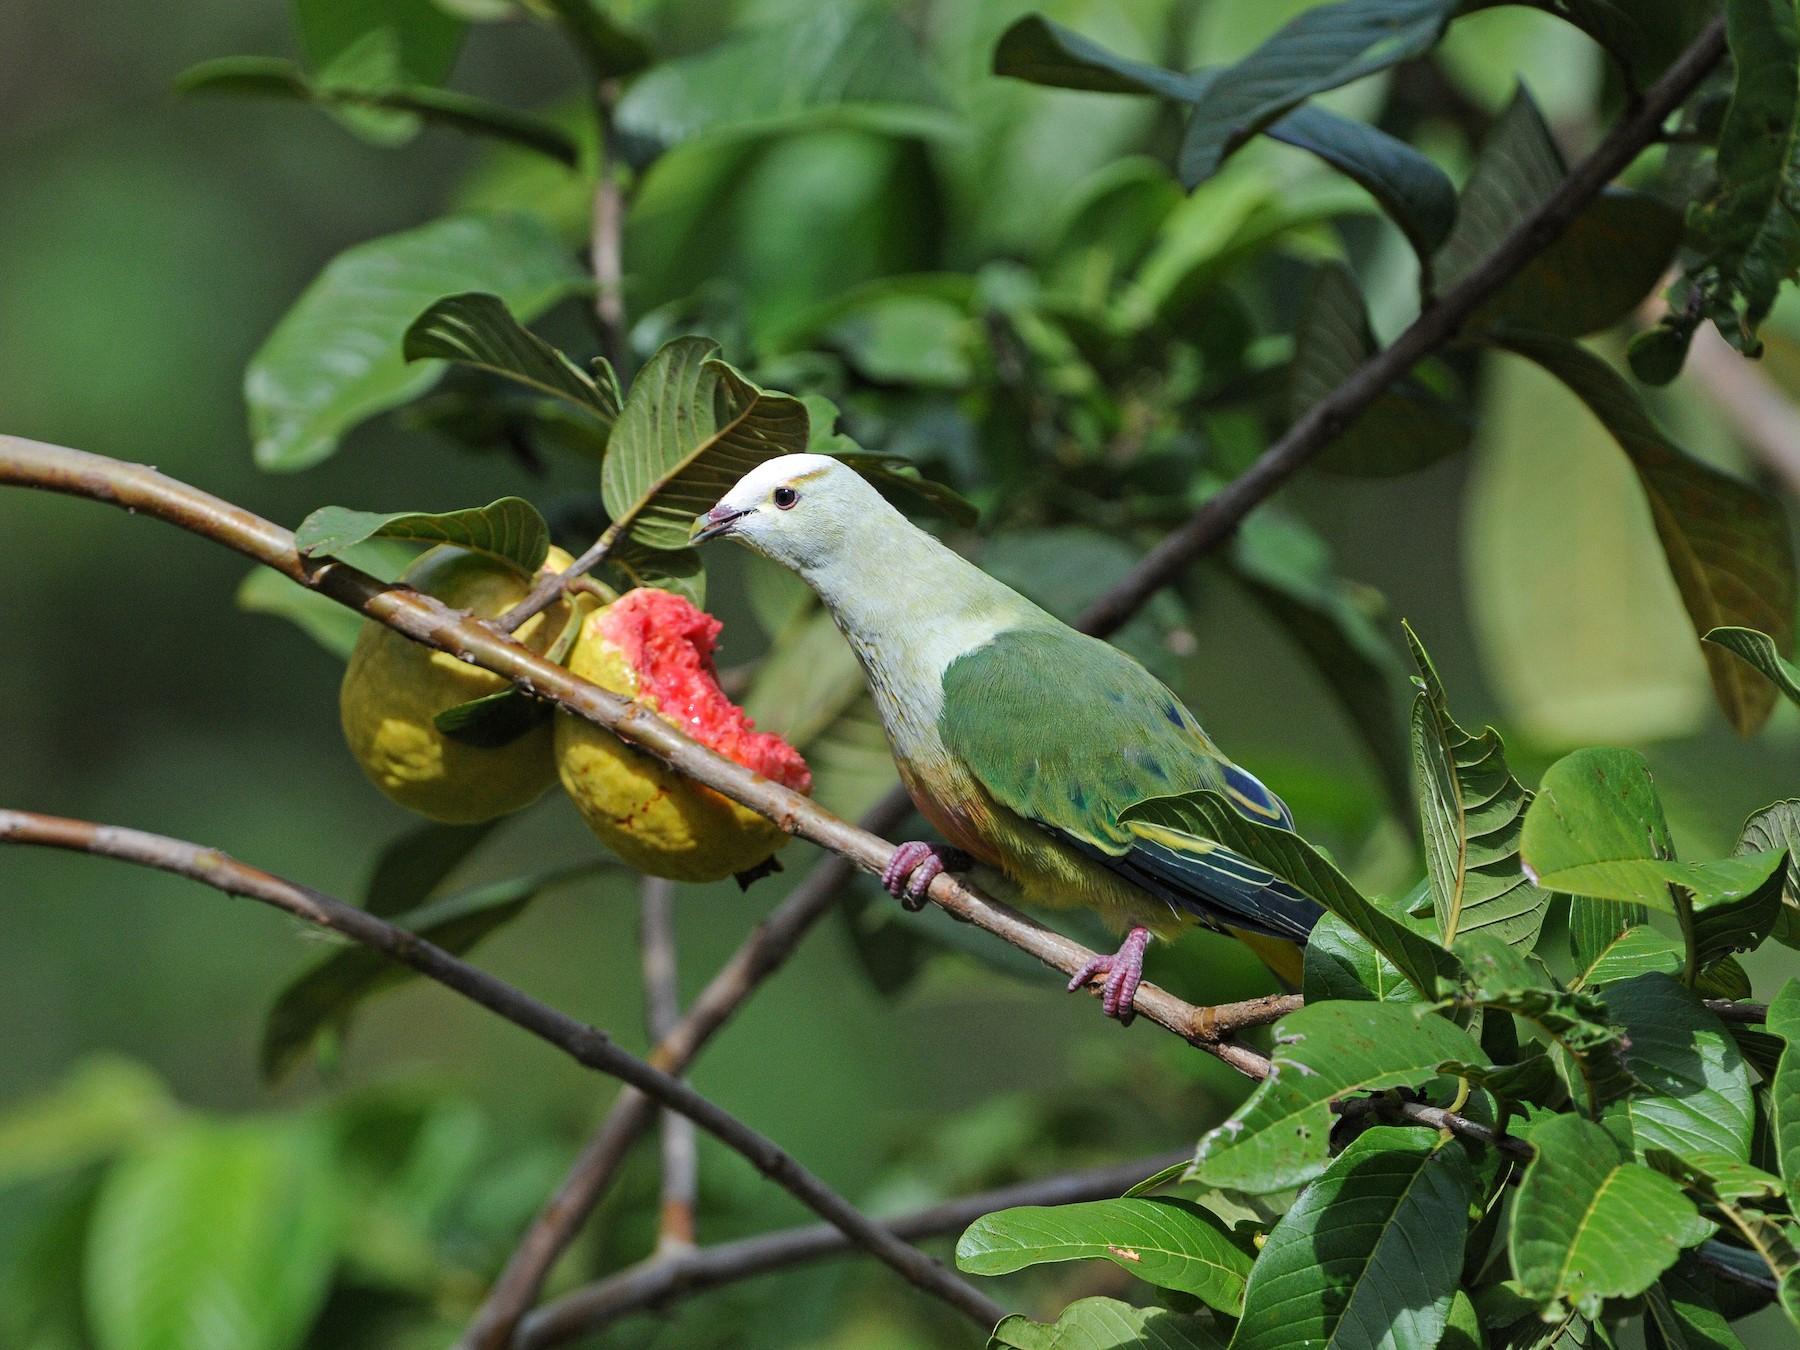 White-capped Fruit-Dove - Peter Odekerken